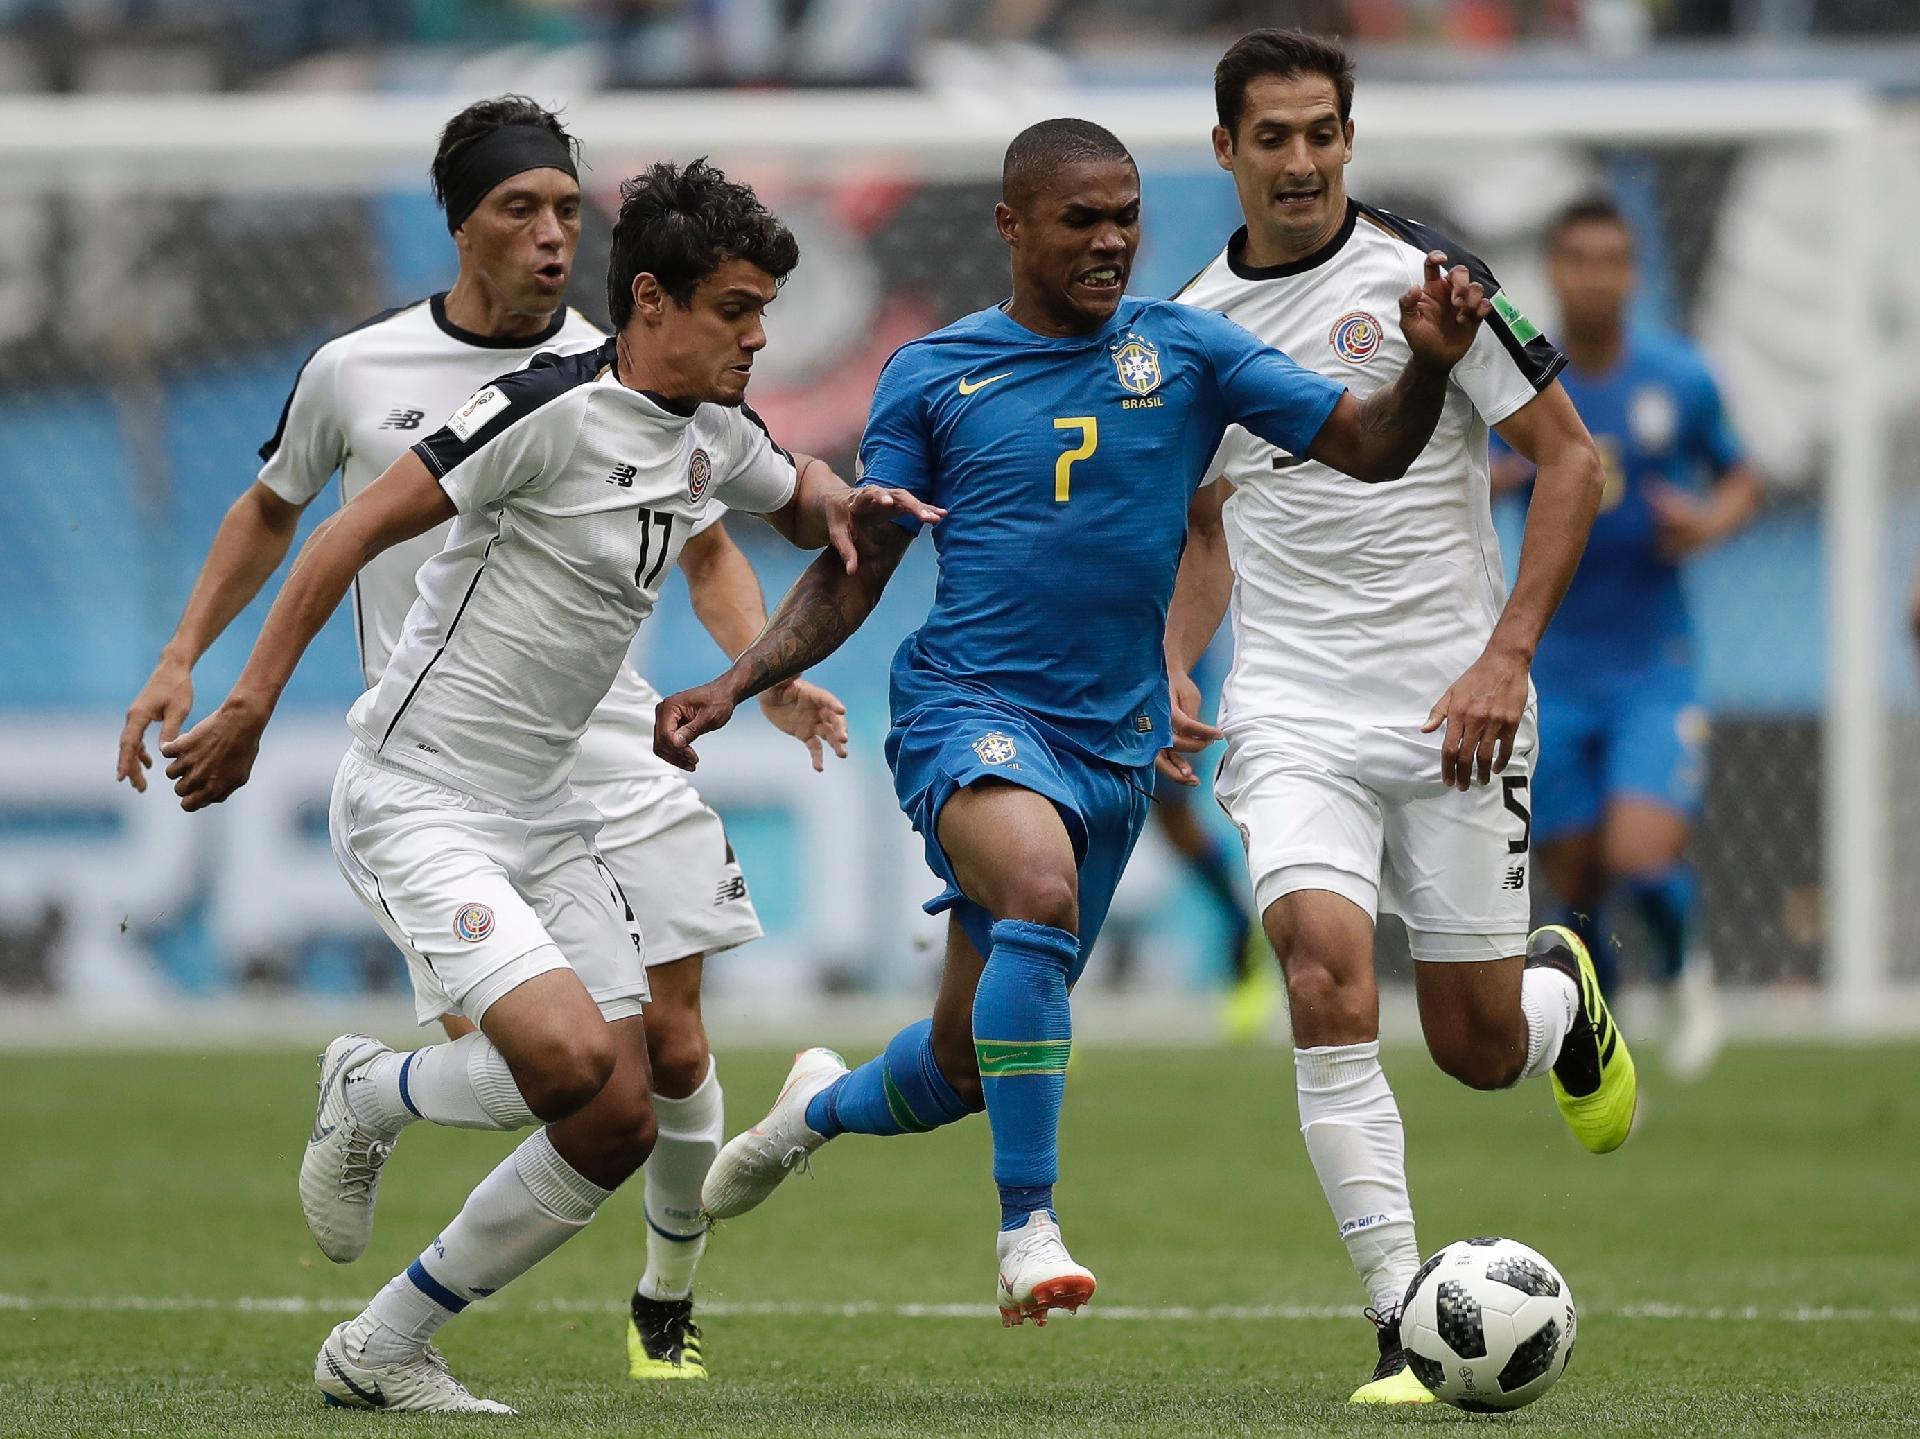 dfbe30cf2b01c Seleção  Douglas Costa sofre lesão na coxa e desfalca o Brasil contra a  Sérvia